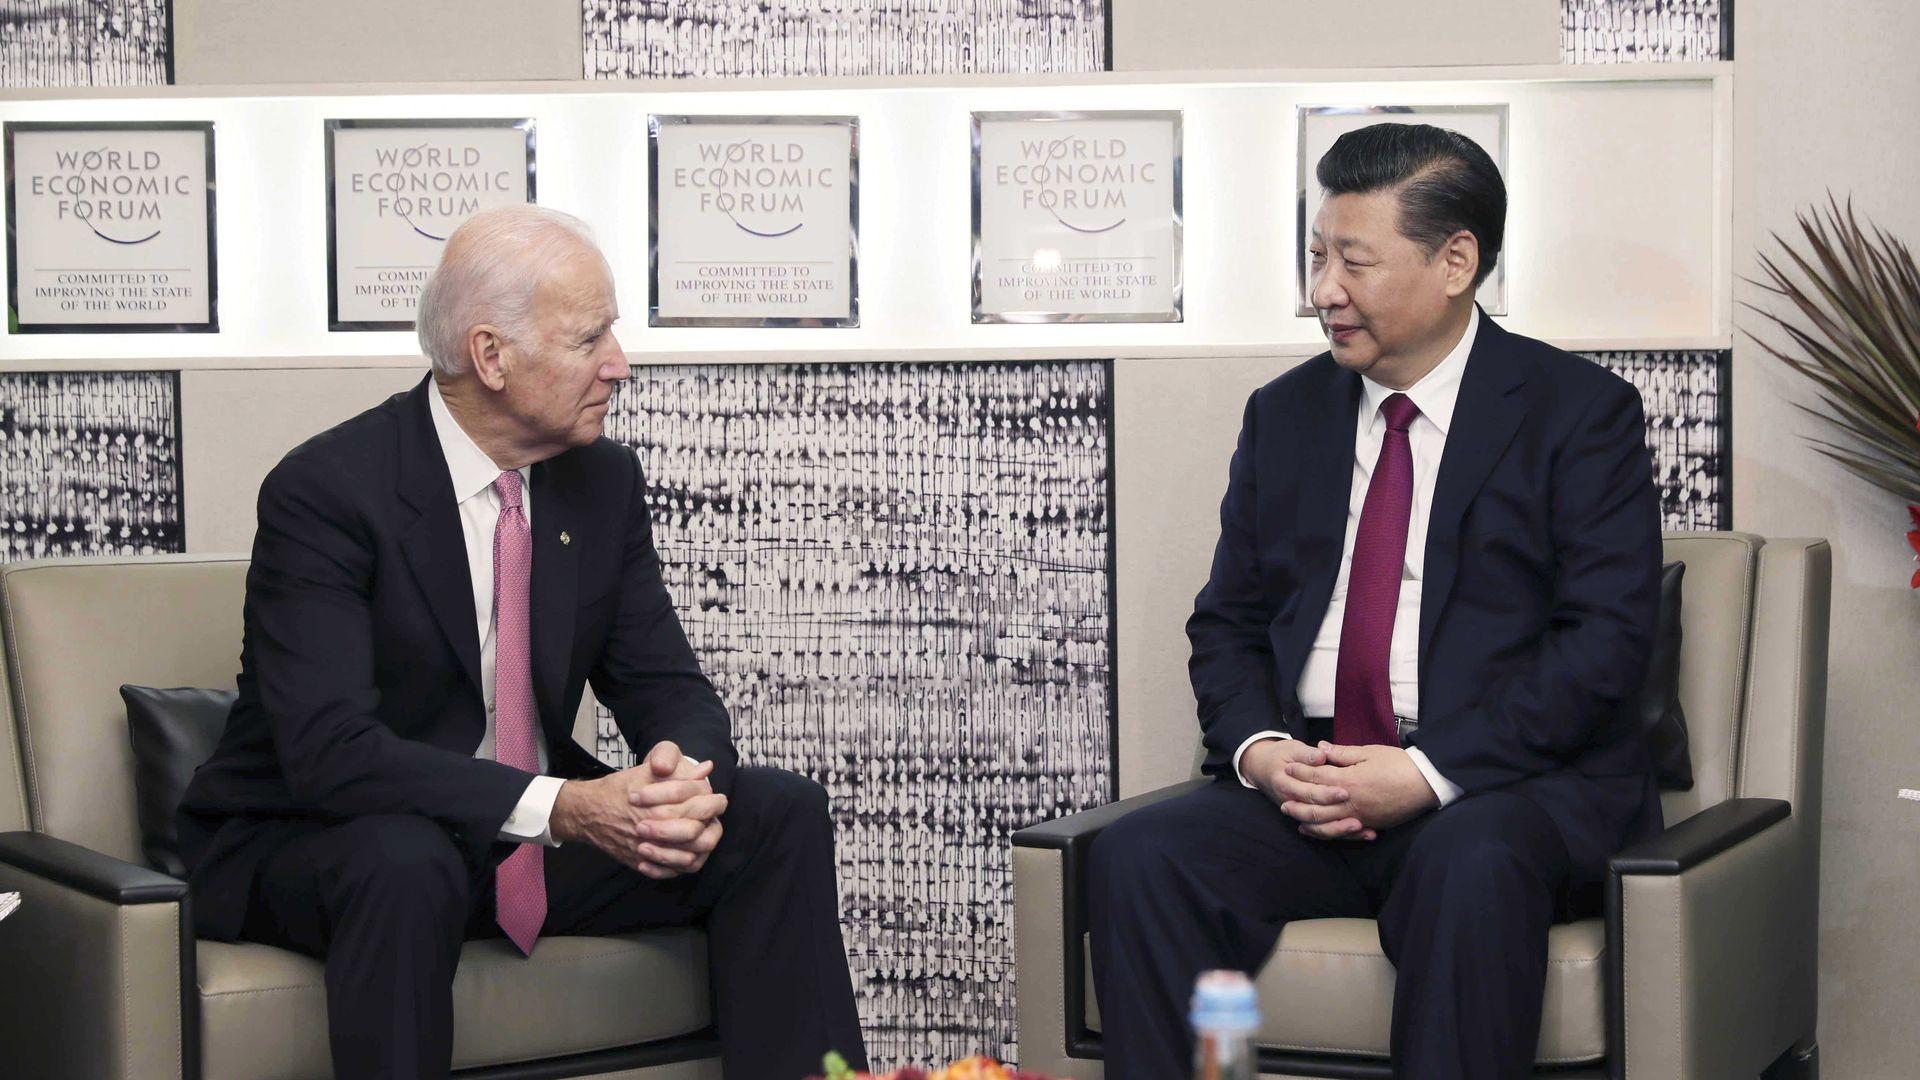 Biden and Xi